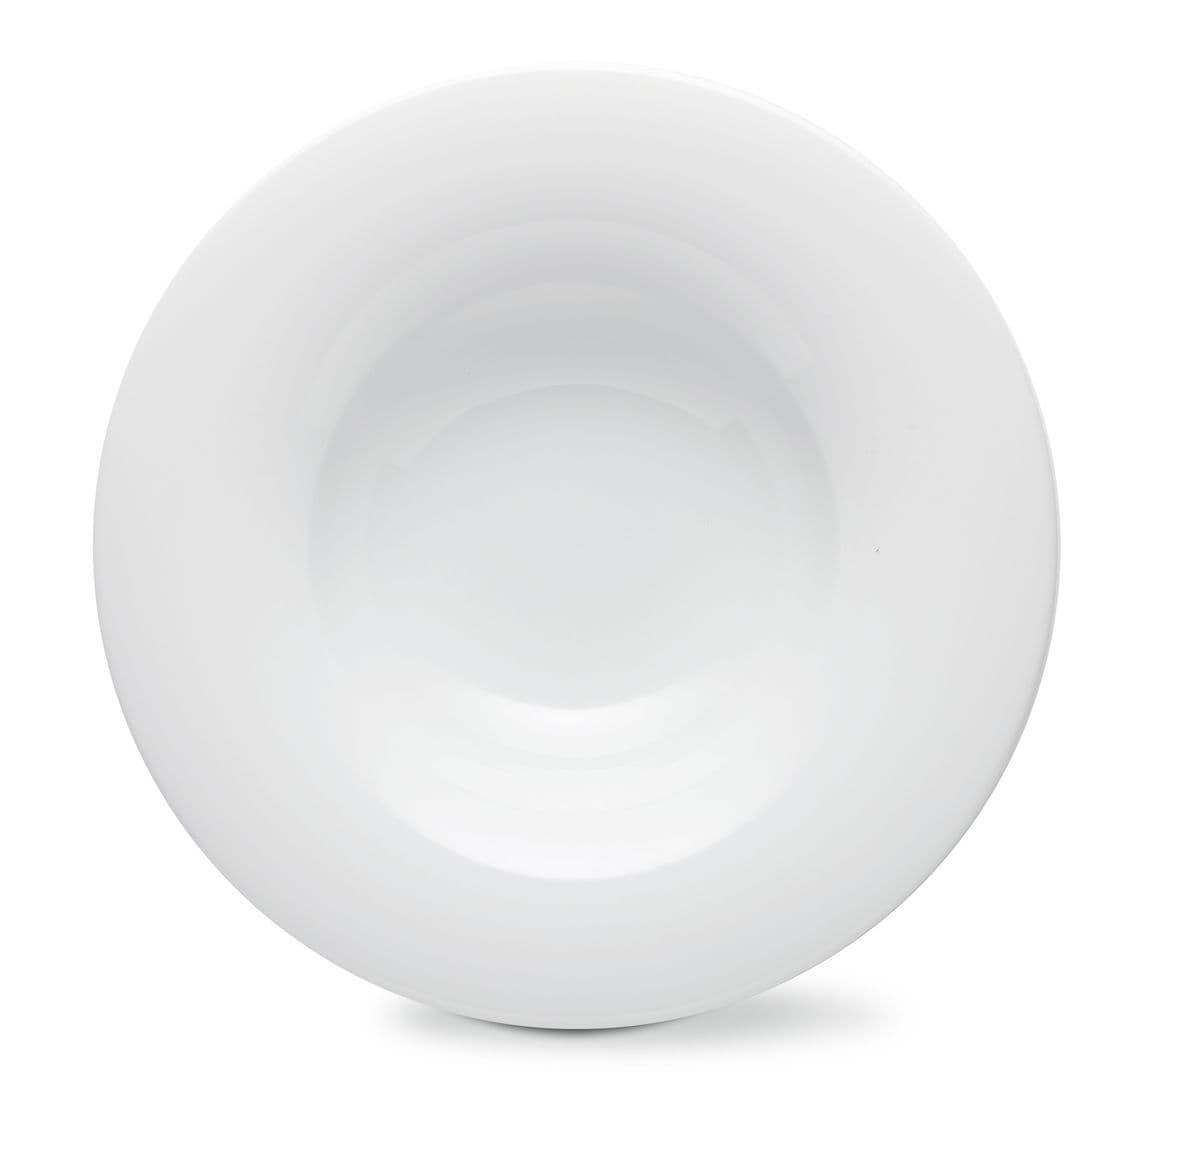 Cucina & Tavola COOL Assiette à pates Assiete